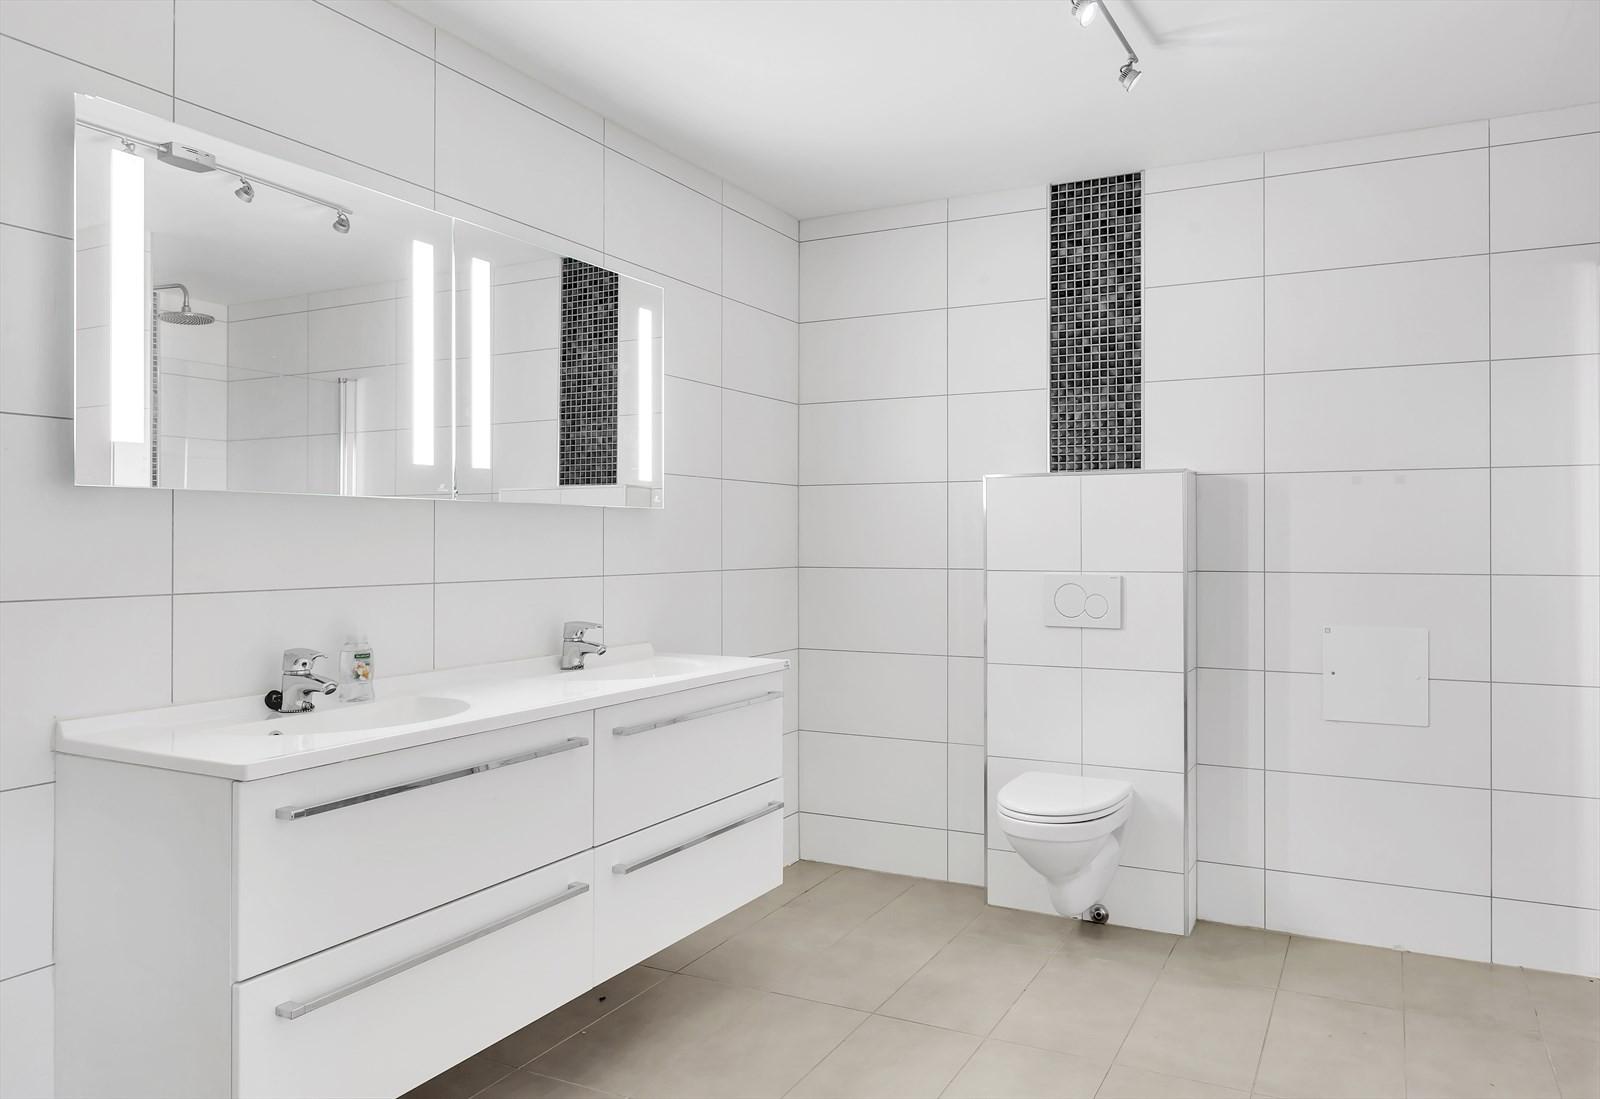 Badet er flislagt på vegger og gulv. Vegghengt toalett. Stor innredning med dobbelvask. Dusjing i dusjnisje.